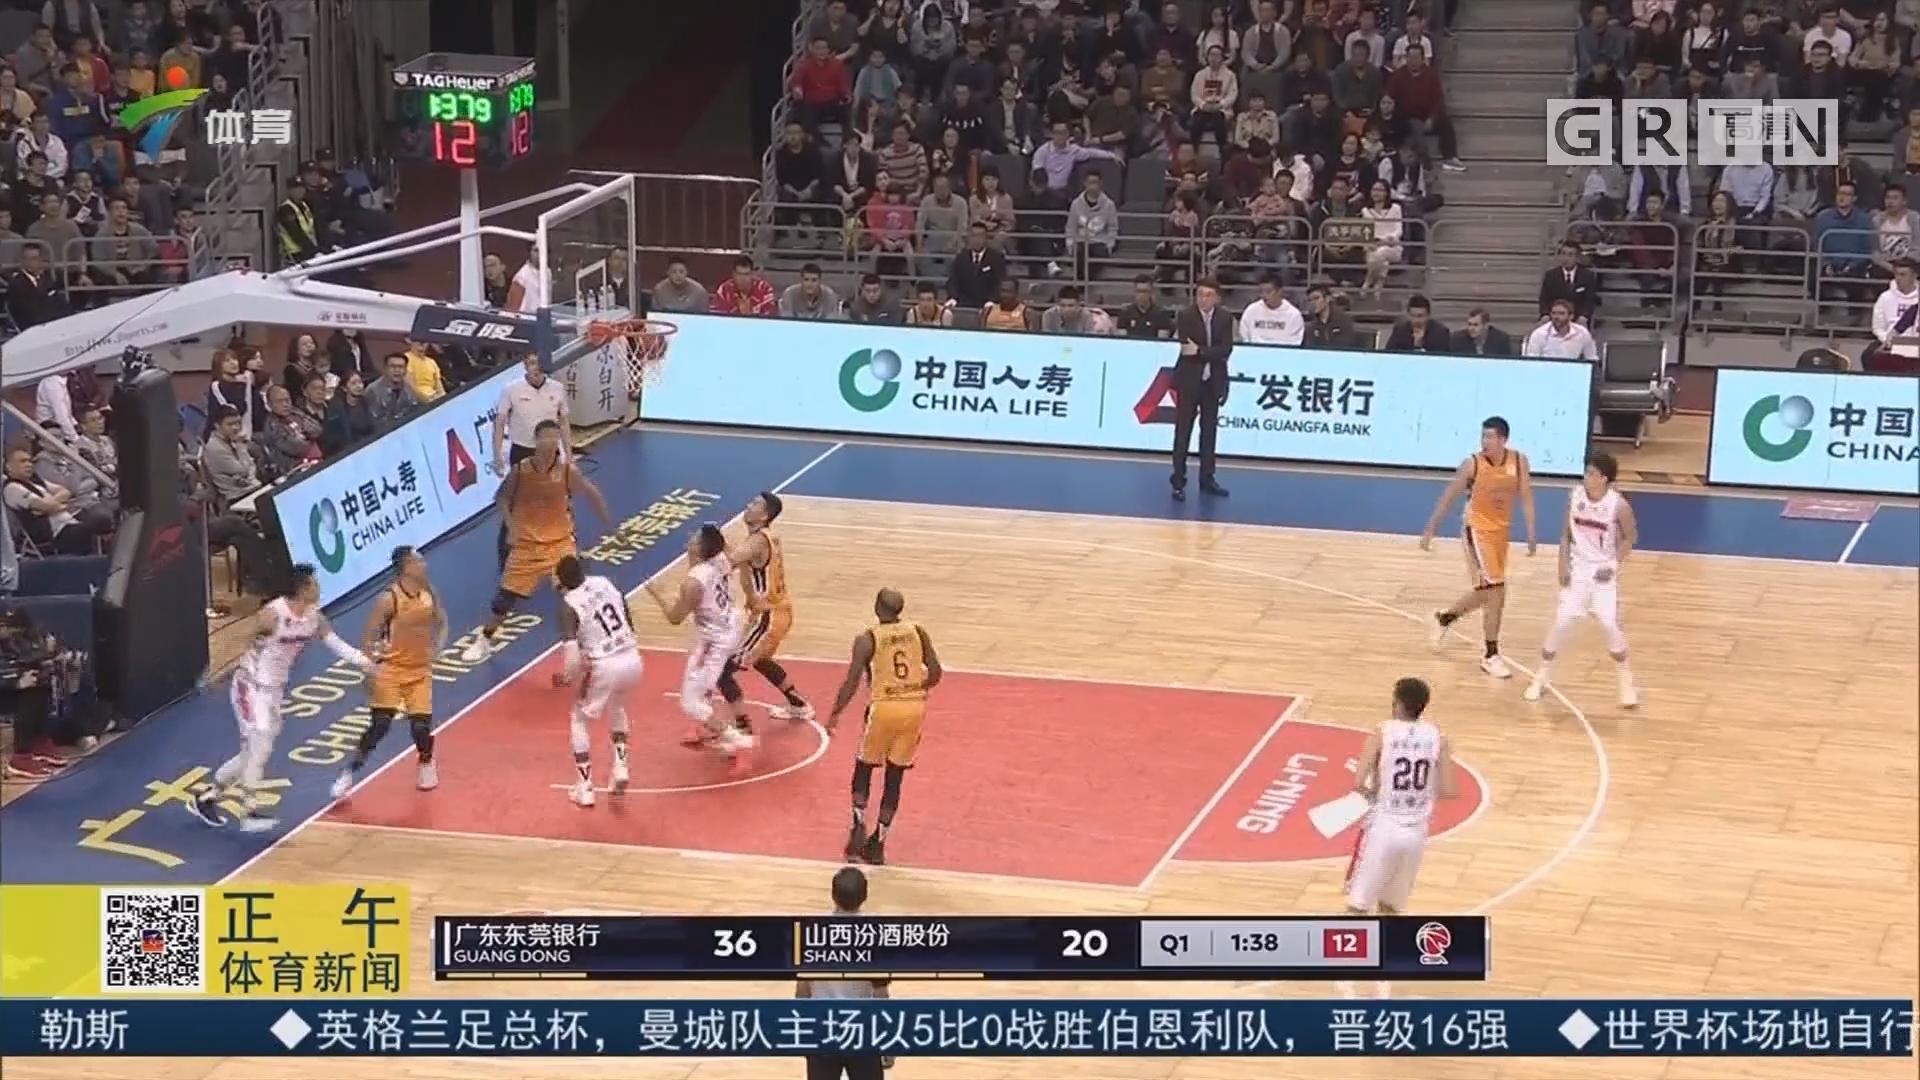 轻松击败山西 广东喜迎九连胜